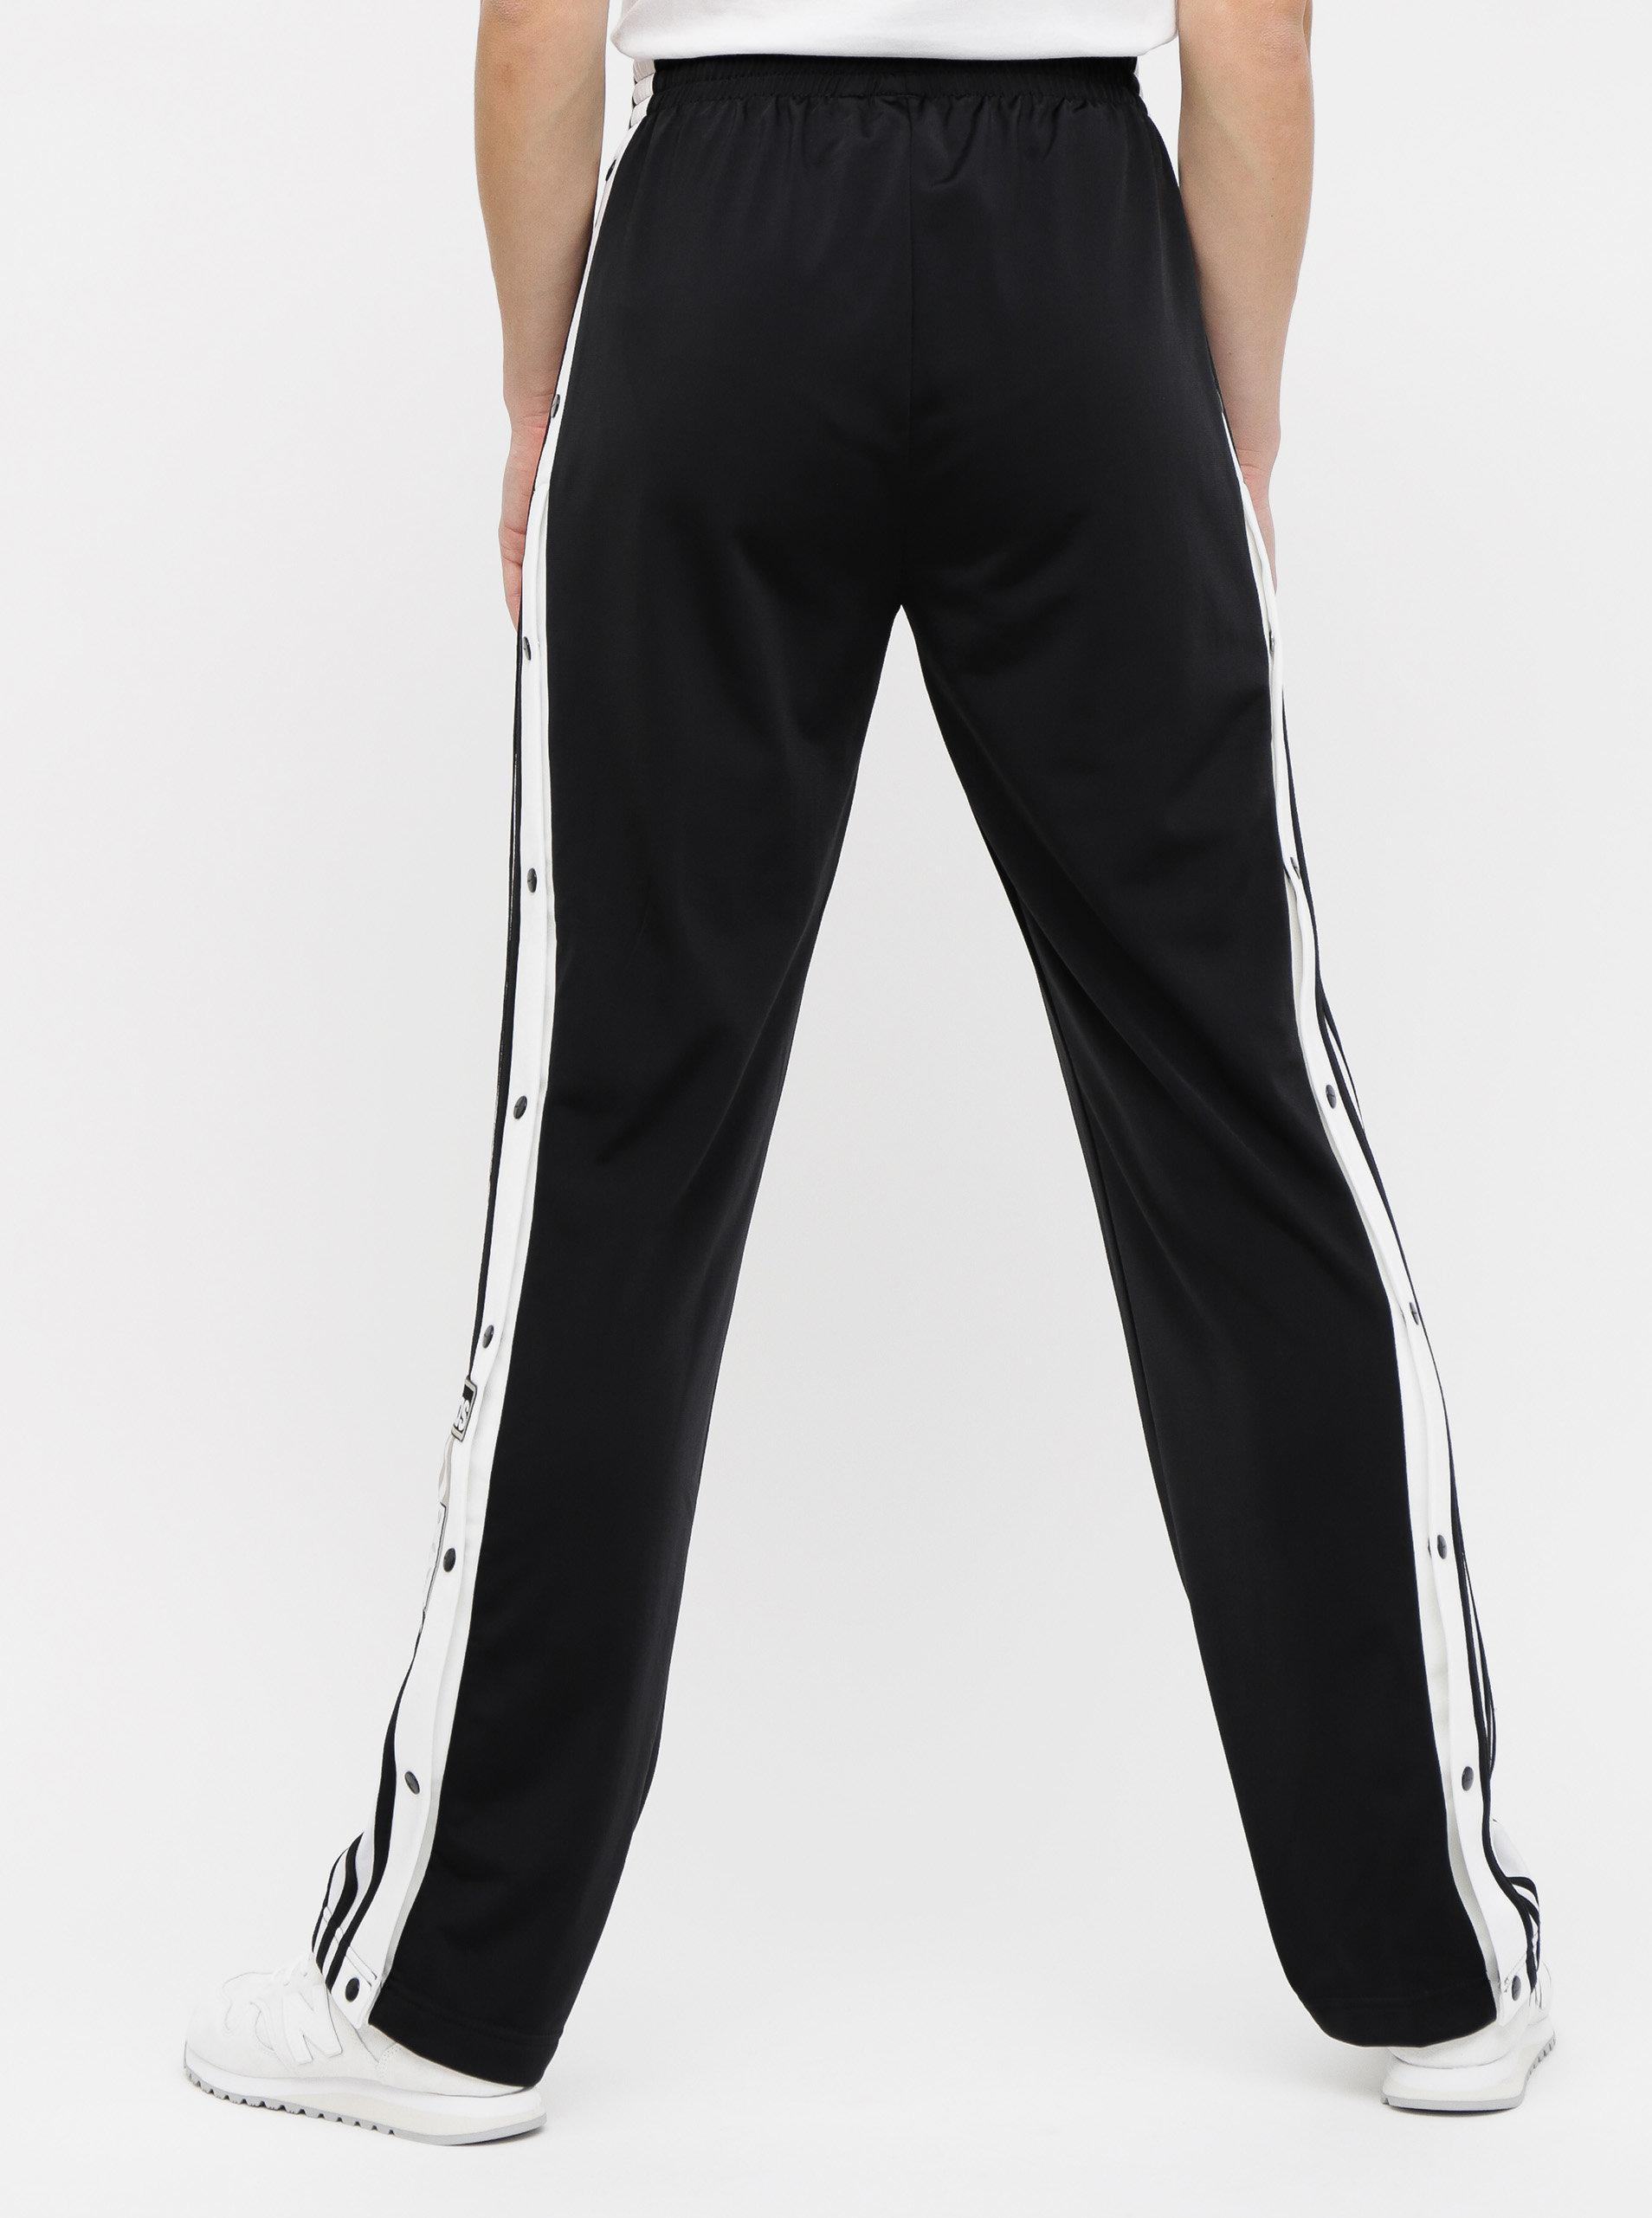 ad6682d684 Černé dámské tepláky s nášivkou adidas Originals Adibreak ...